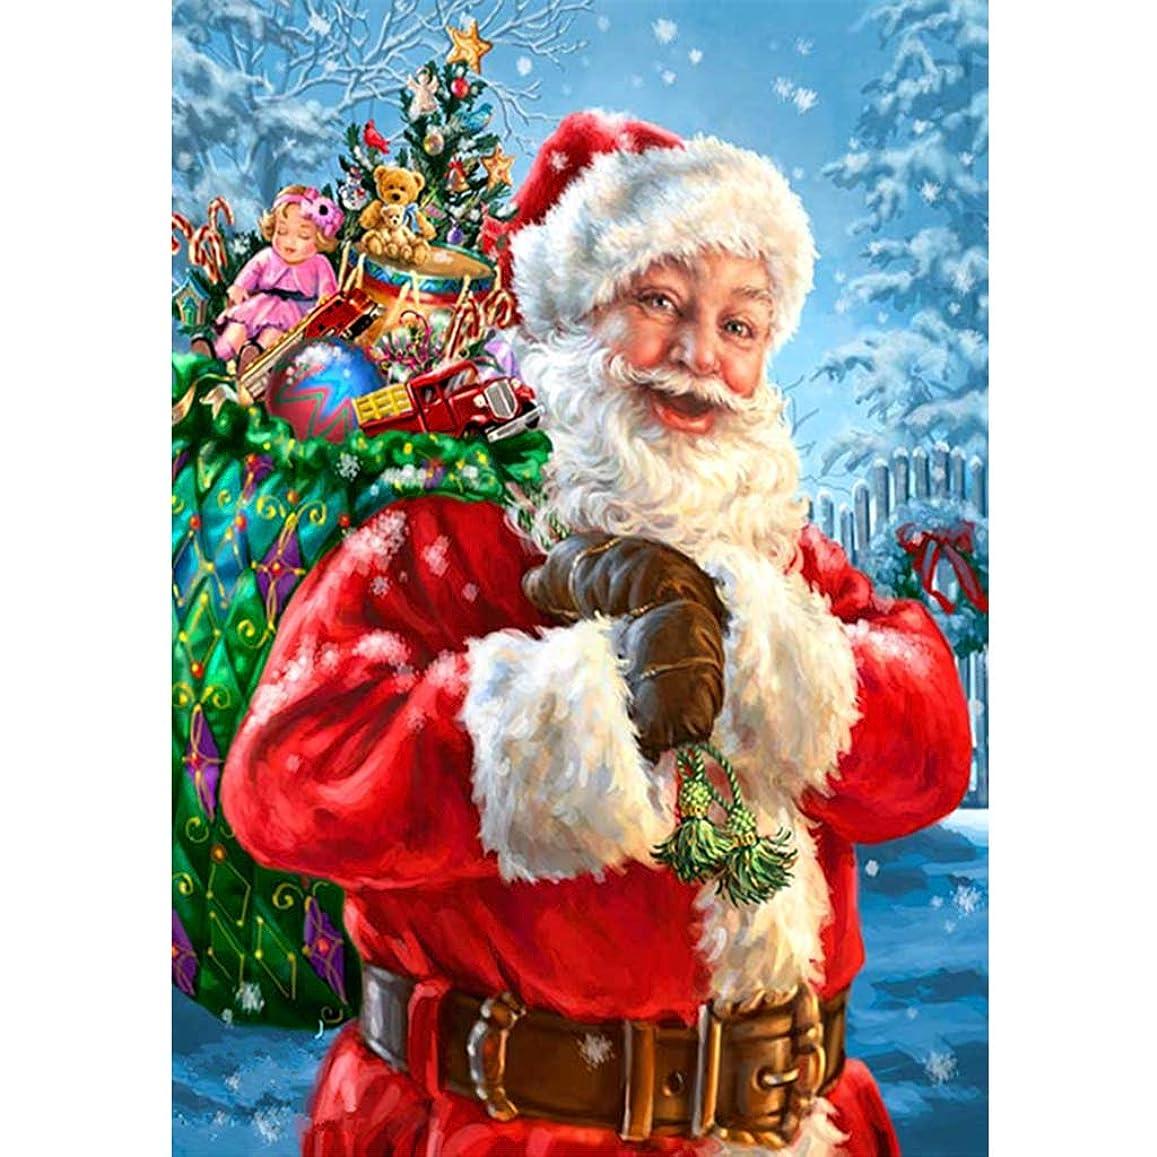 ゲスト一般的に責めるクリスマスサンタクロース5D DIYフルダイヤモンド塗装刺繍クロスステッチスイートホームデコレーション示すように30 * 40CM